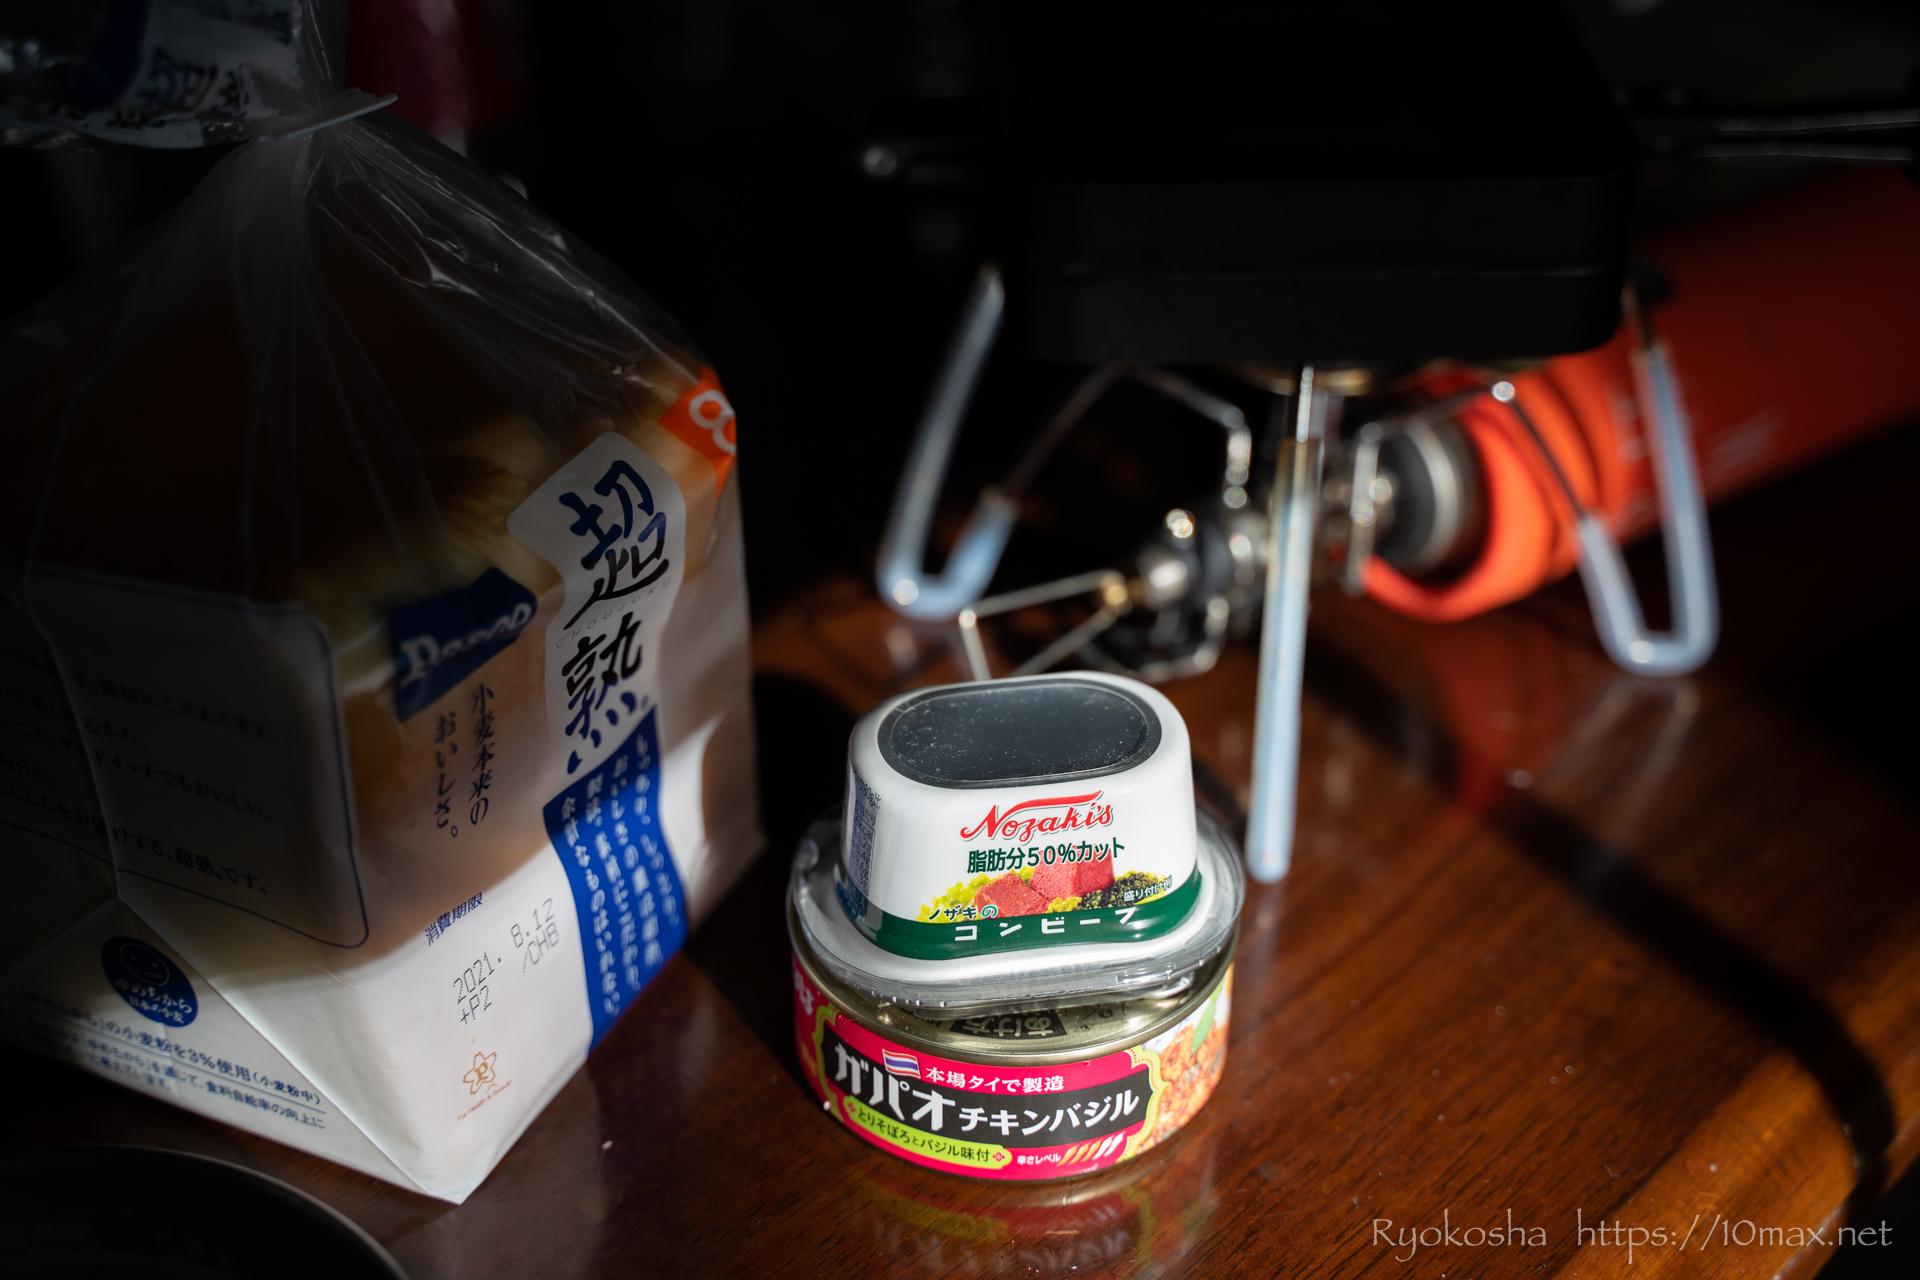 缶詰 ホットサンド 手抜き 簡単 キャンプ飯 カセットコンロ